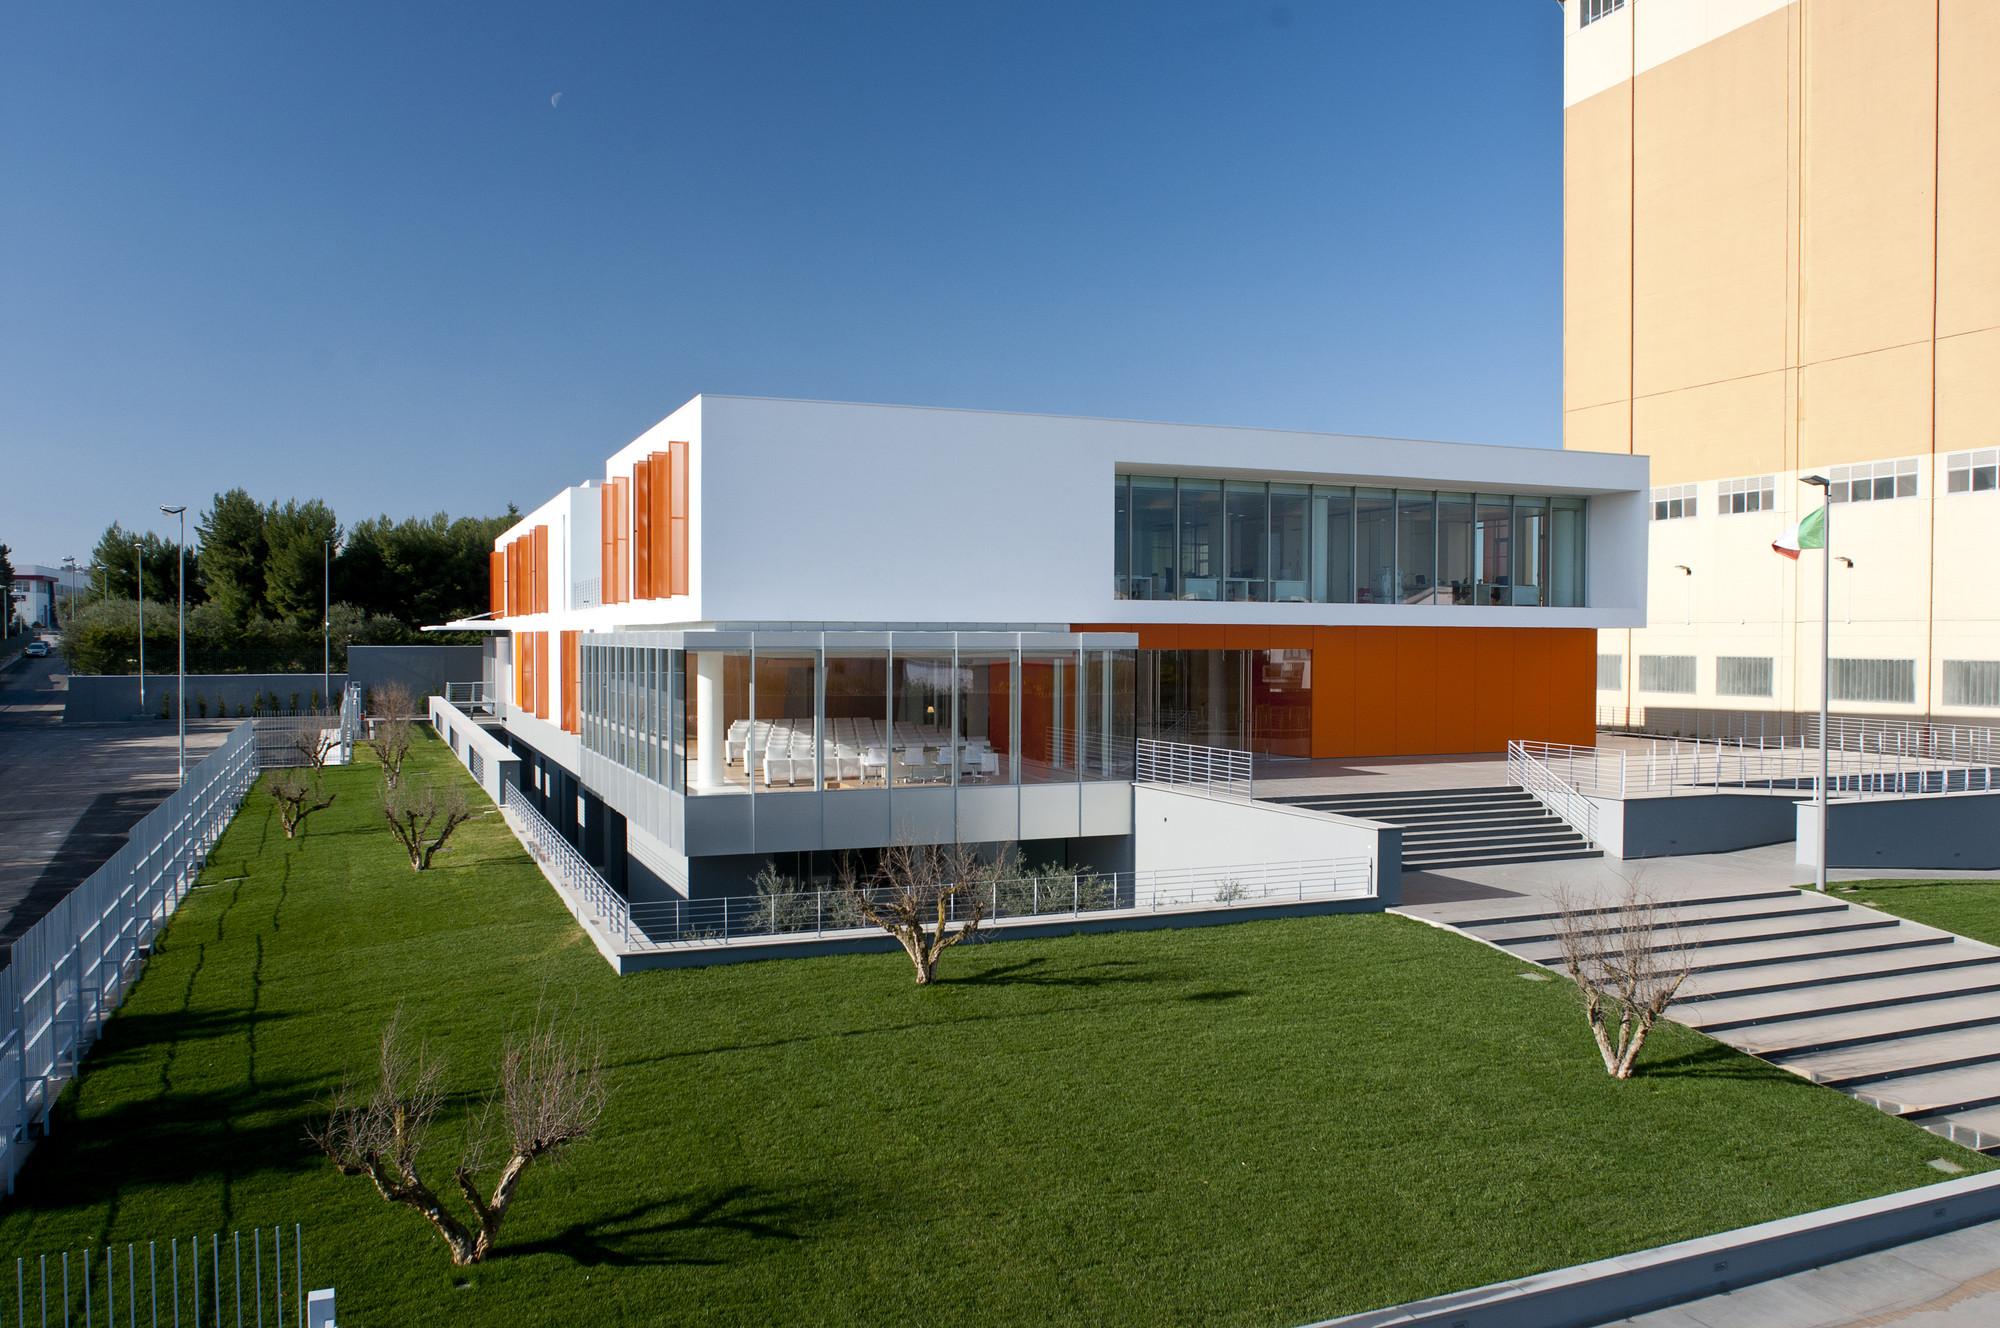 Casillo Headquarters in Corato / Alvisi Kirimoto + Partners, © Anna Galante